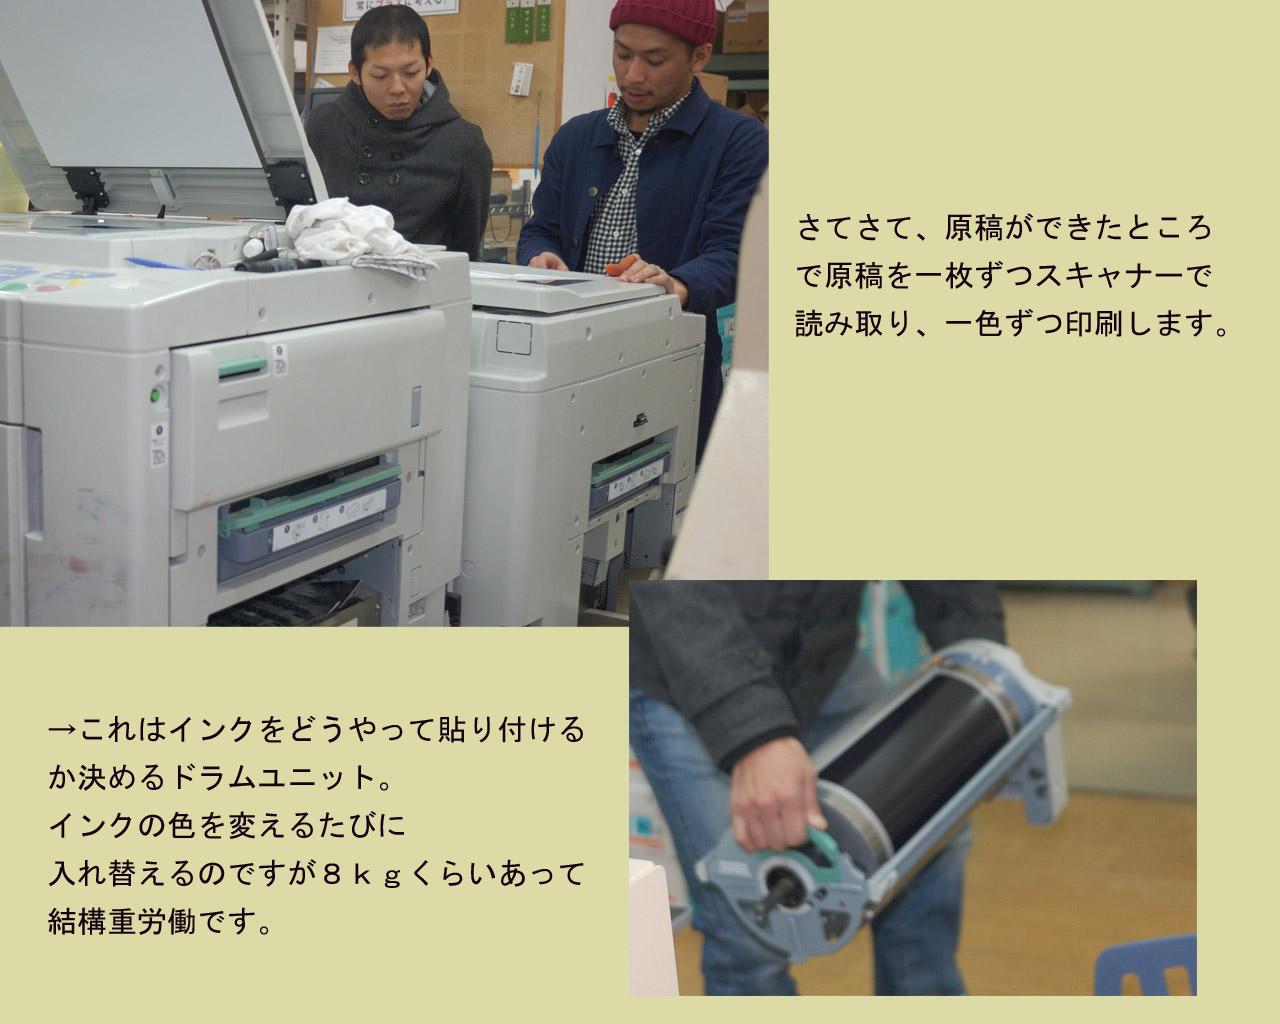 レトロ印刷体験!_e0206865_0204873.jpg